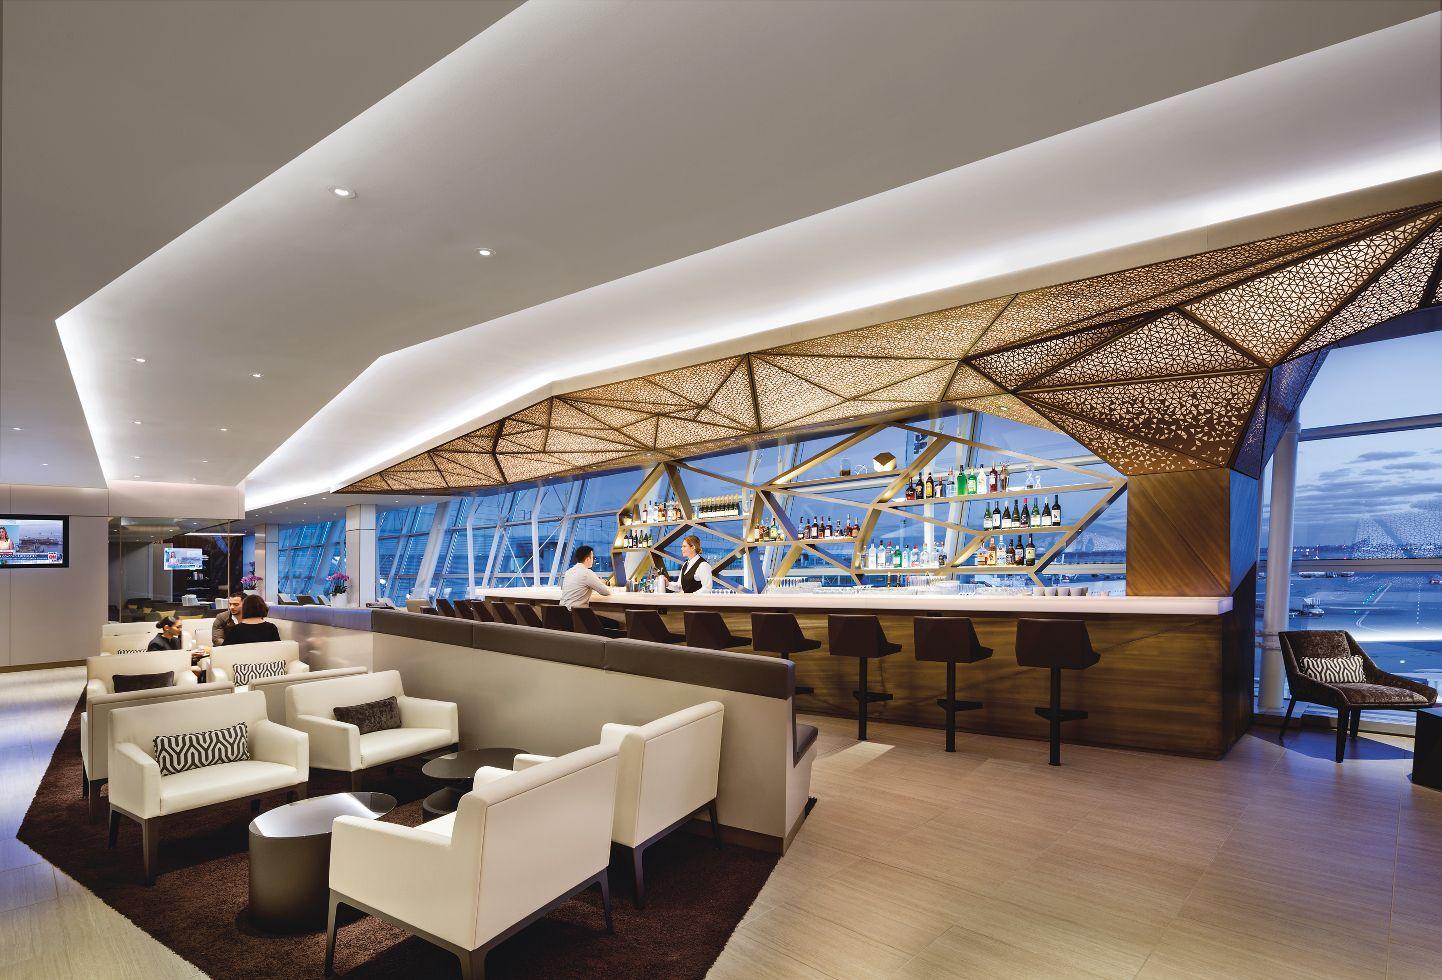 Manscaping in transit: Etihad\u0027s lounge barbershop at Abu Dhabi ...